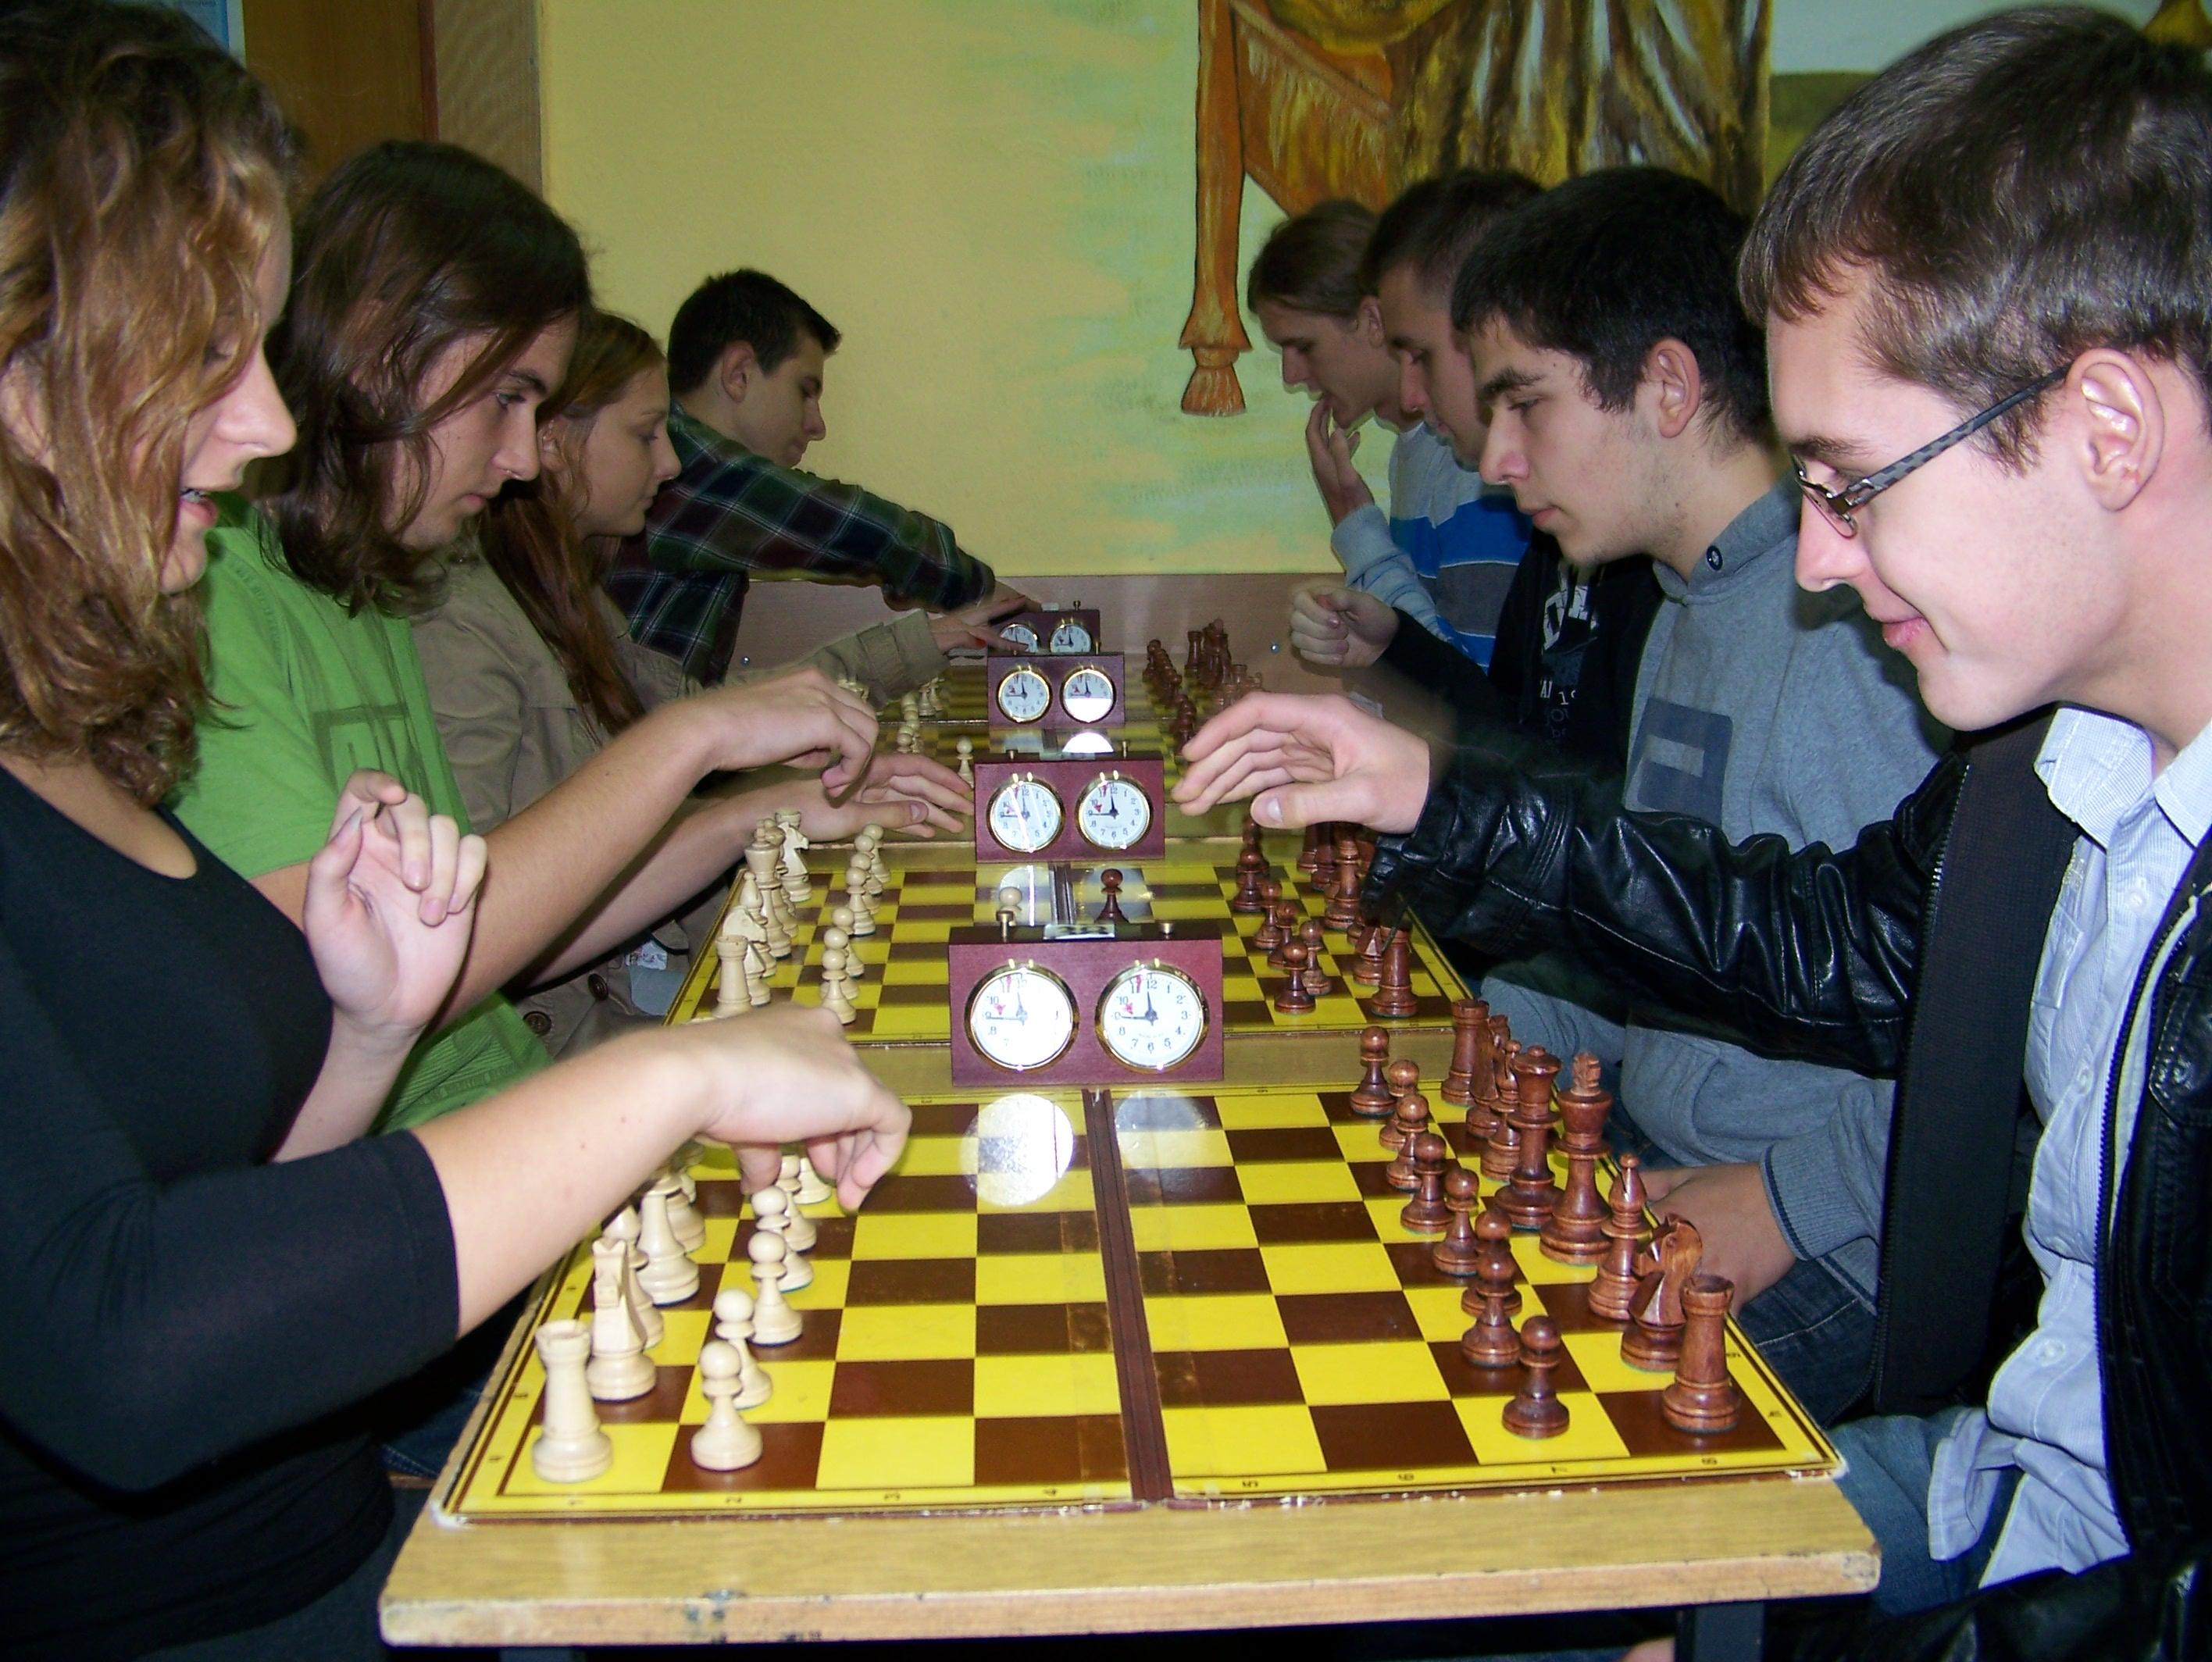 Mistrzostwa I LO w Szachach, Świdnica, 25.09.2012